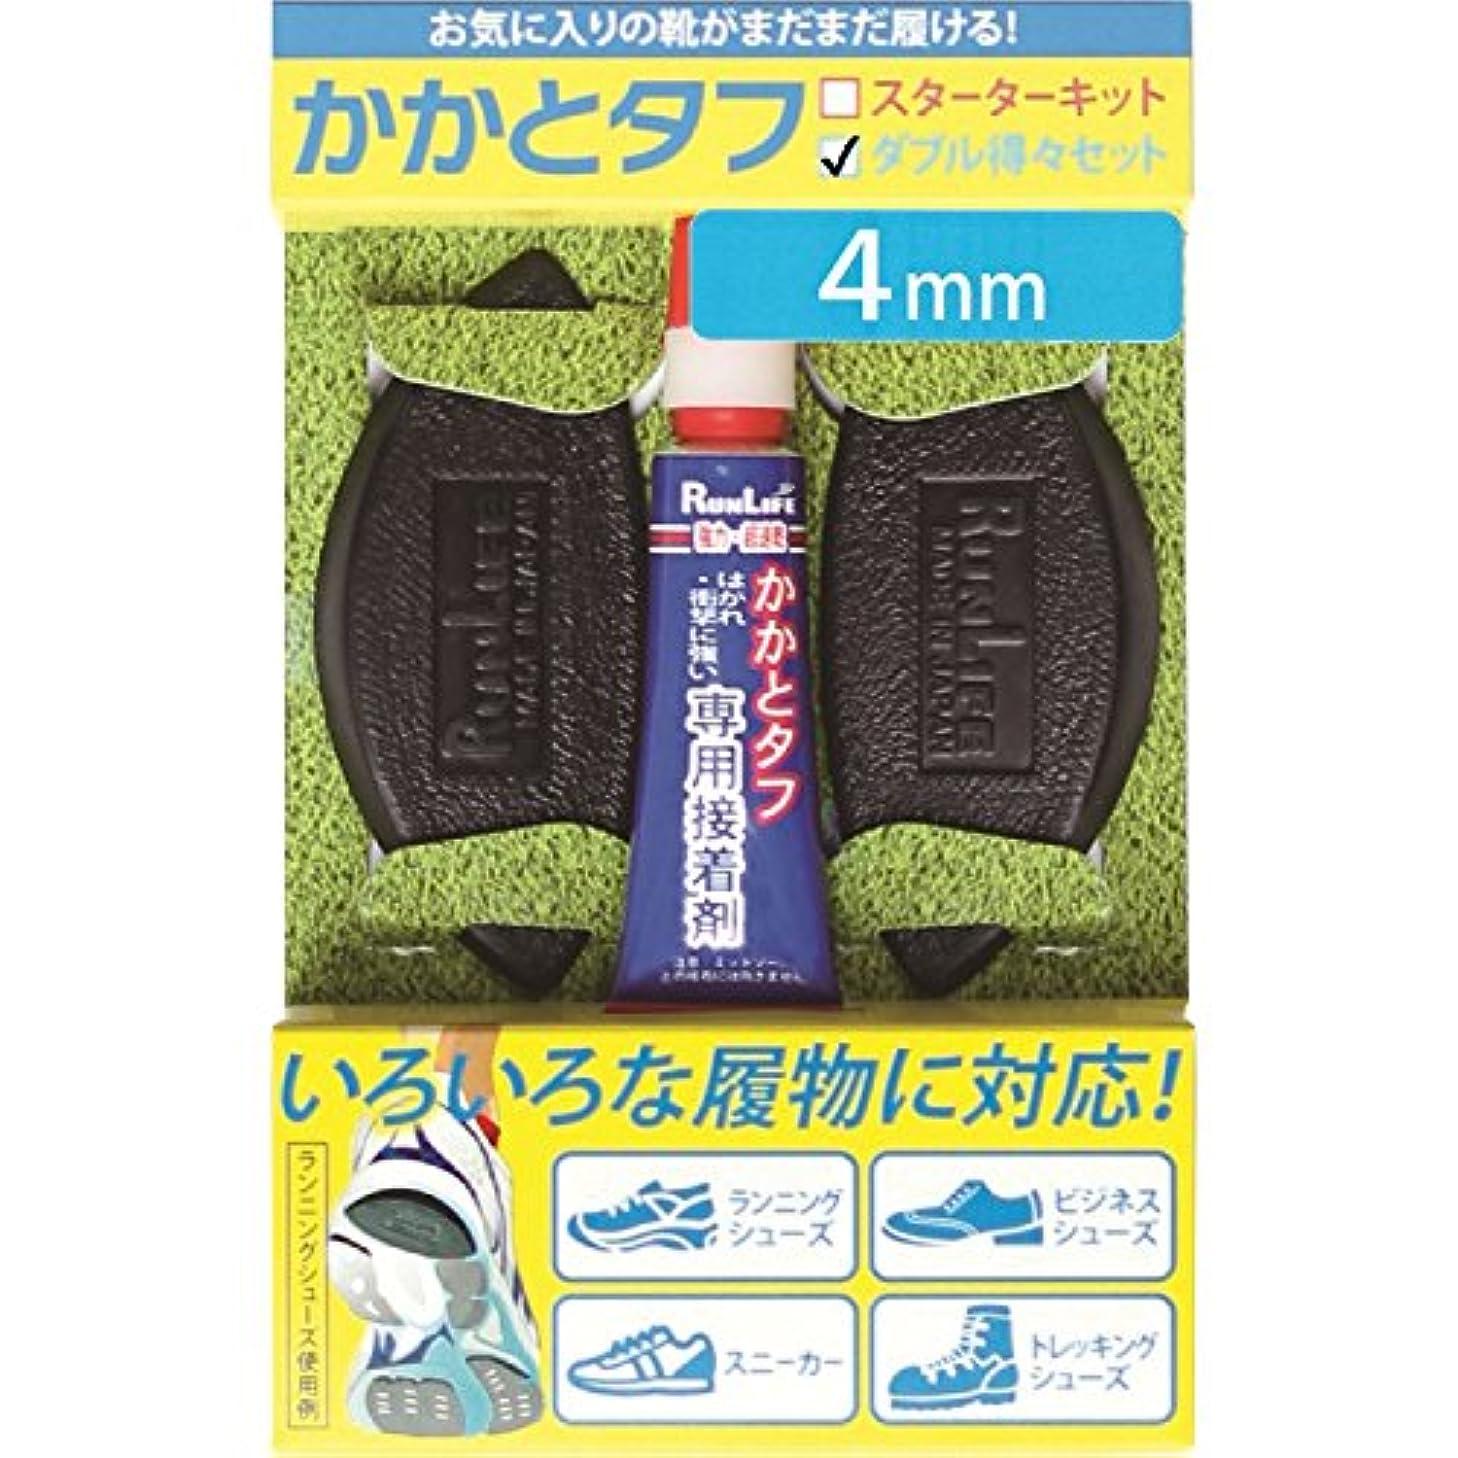 批評曇った説教するRunLife(ランライフ) 靴修理 シューズ補修材『 かかとタフ 』 4mm ダブル得々セット SKT-4M×4+SG